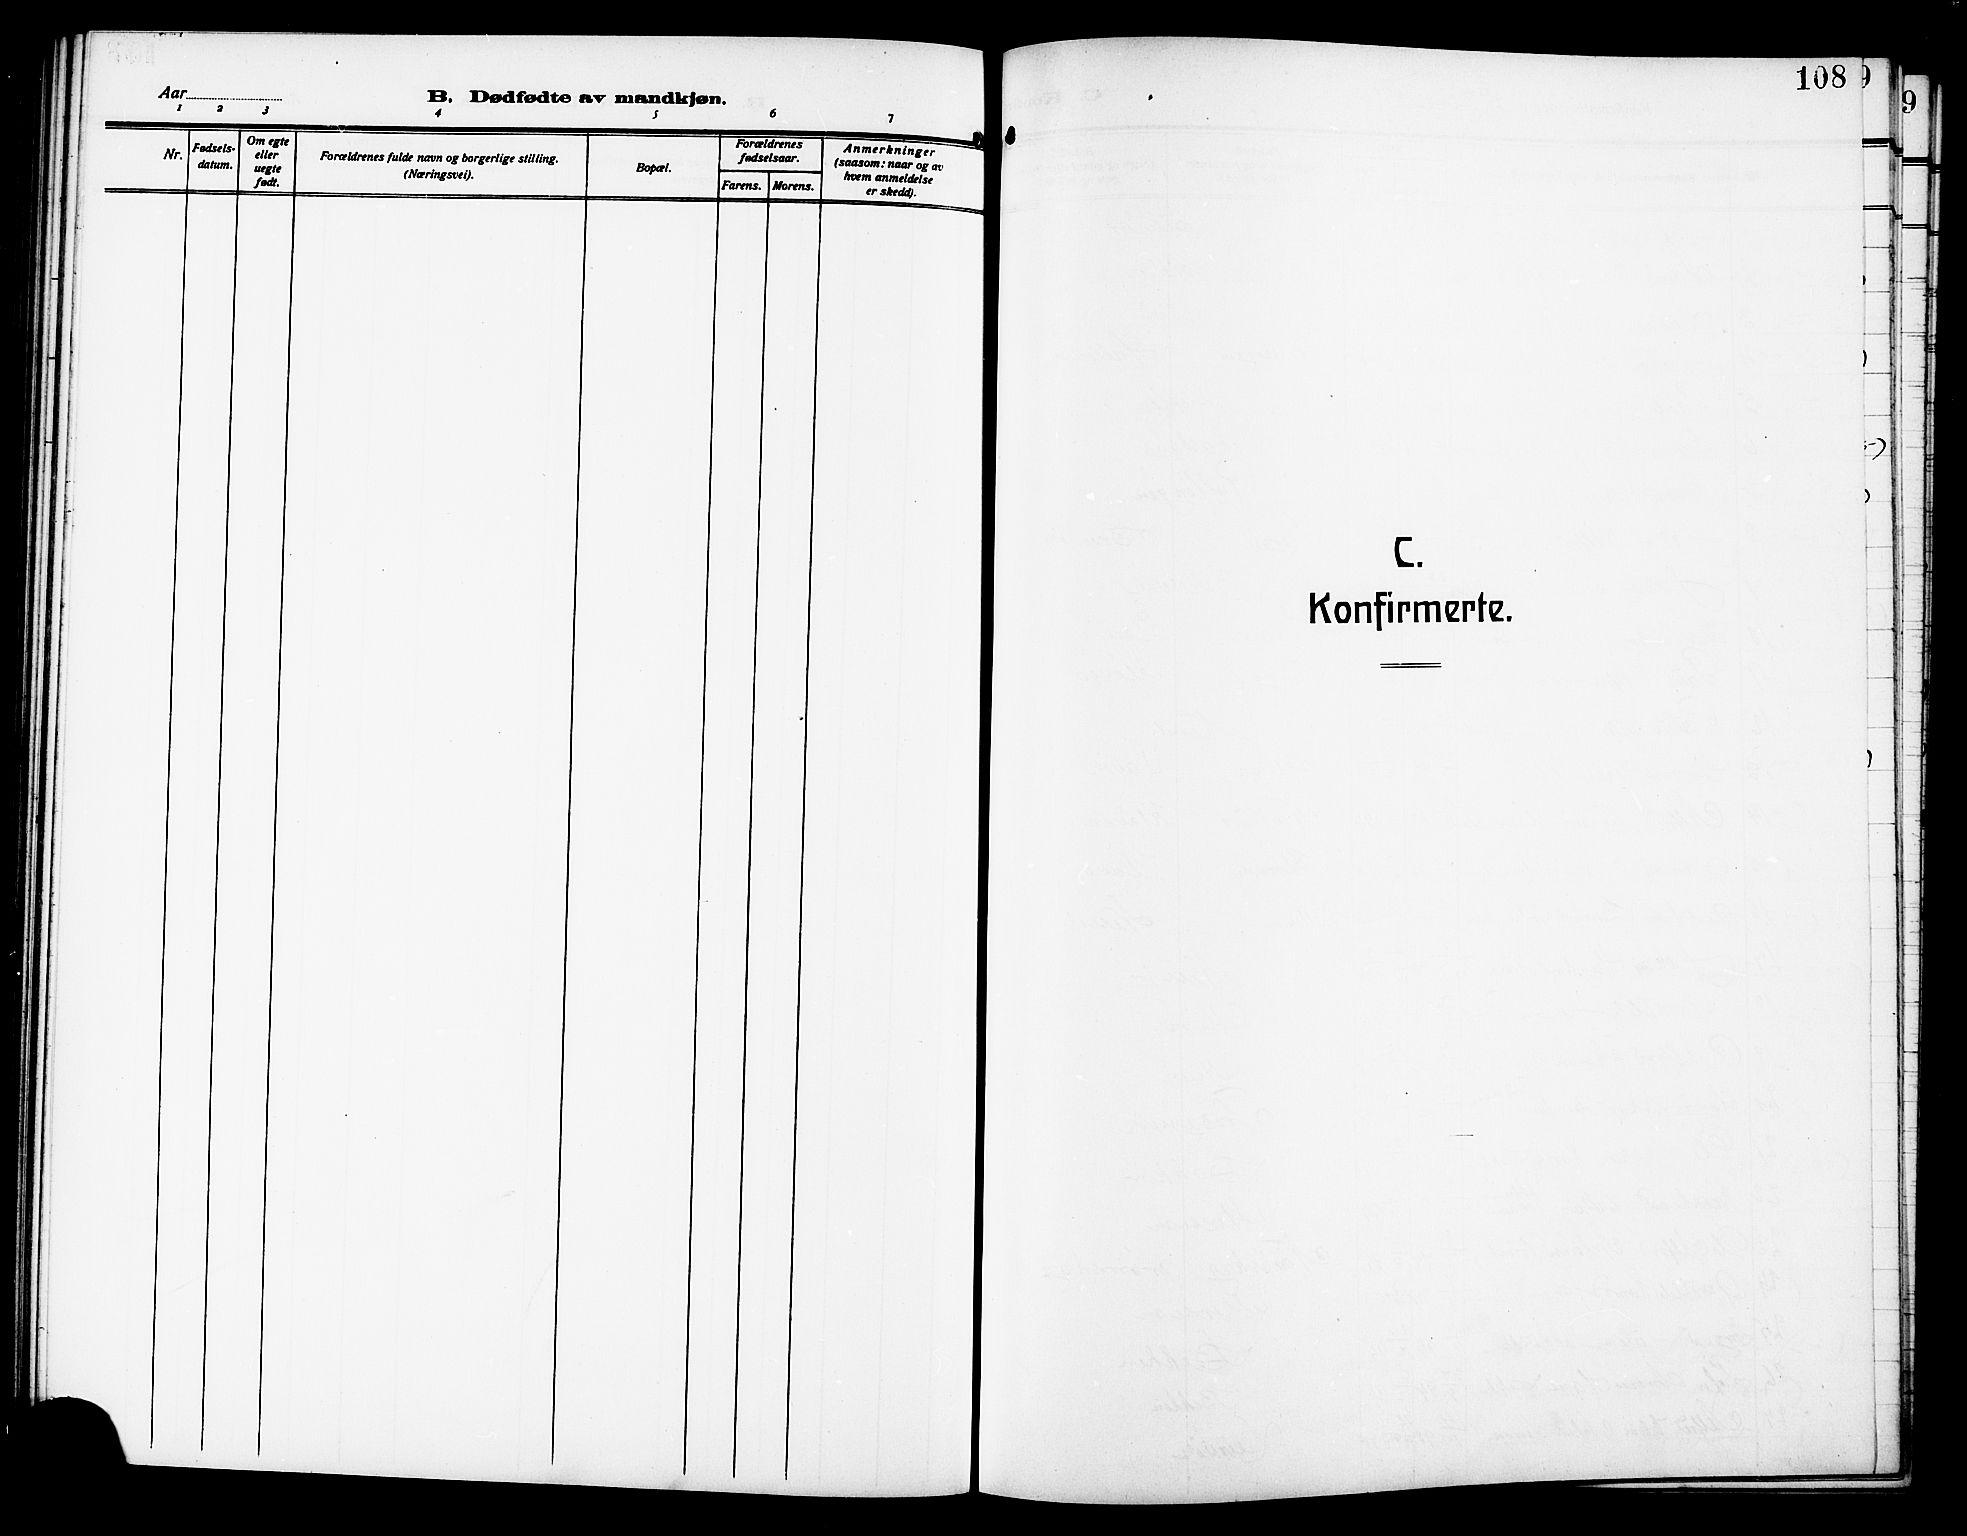 SAT, Ministerialprotokoller, klokkerbøker og fødselsregistre - Sør-Trøndelag, 640/L0588: Klokkerbok nr. 640C05, 1909-1922, s. 108